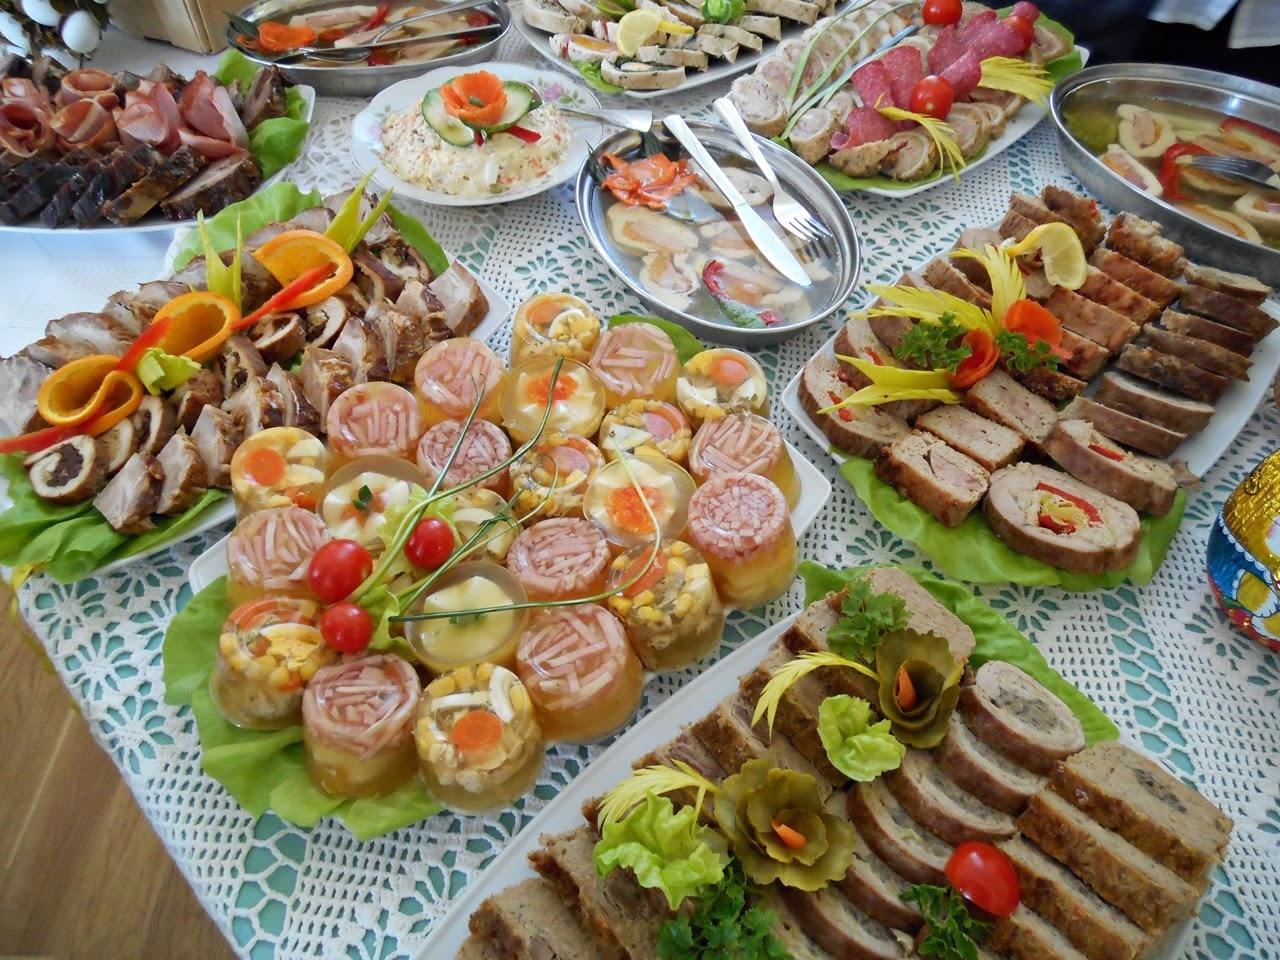 święta, stoły, jedzenie, potrawy